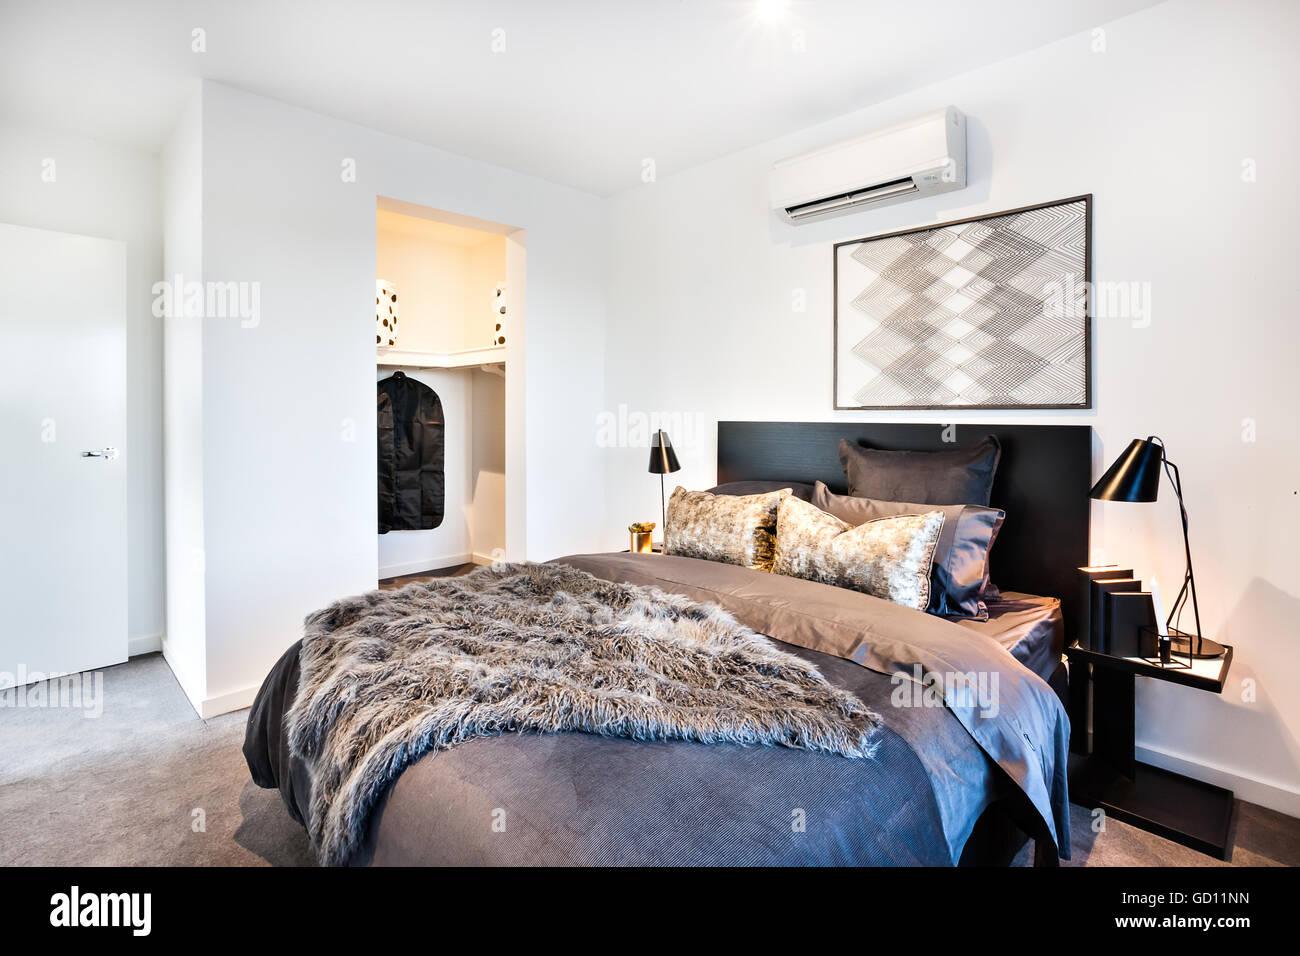 Decorazioni Per Casa Moderna : Scuro lucido e decorazione per un moderno letto di una casa o di